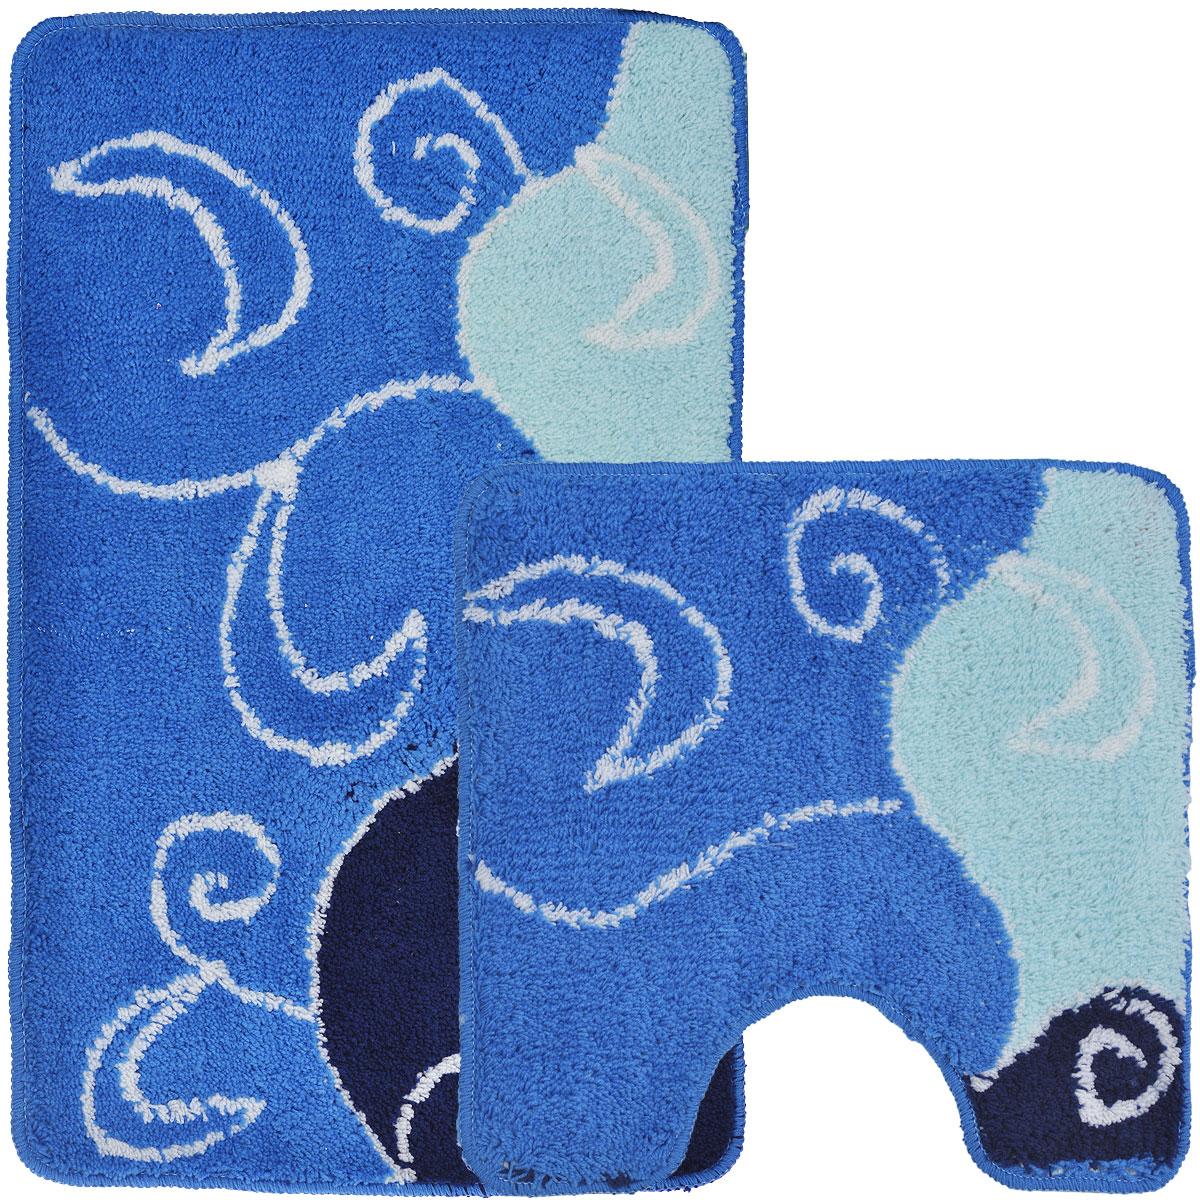 Комплект ковриков для ванной и туалета Fresh Code, цвет: синий, 2 предмета531-401Комплект Fresh Code состоит из коврика для ванной комнаты и туалета. Коврики изготовлены из акрила и оформлены узором. Это экологически чистый, быстросохнущий, мягкий и износостойкий материал. Красители устойчивы, поэтому коврики не потускнеют даже после многократных стирок в стиральной машине. Благодаря латексной основе коврики не скользят на полу. Края изделий обработаны оверлоком. Можно использовать на полу с подогревом. Набор для ванной Fresh Code подарит ощущение тепла и комфорта, а также привнесет уют в вашу ванную комнату.Высота ворса: 1 см.Размер коврика для ванной комнаты: 80 см х 50 см.Размер коврика для туалета: 50 см х 50 см.